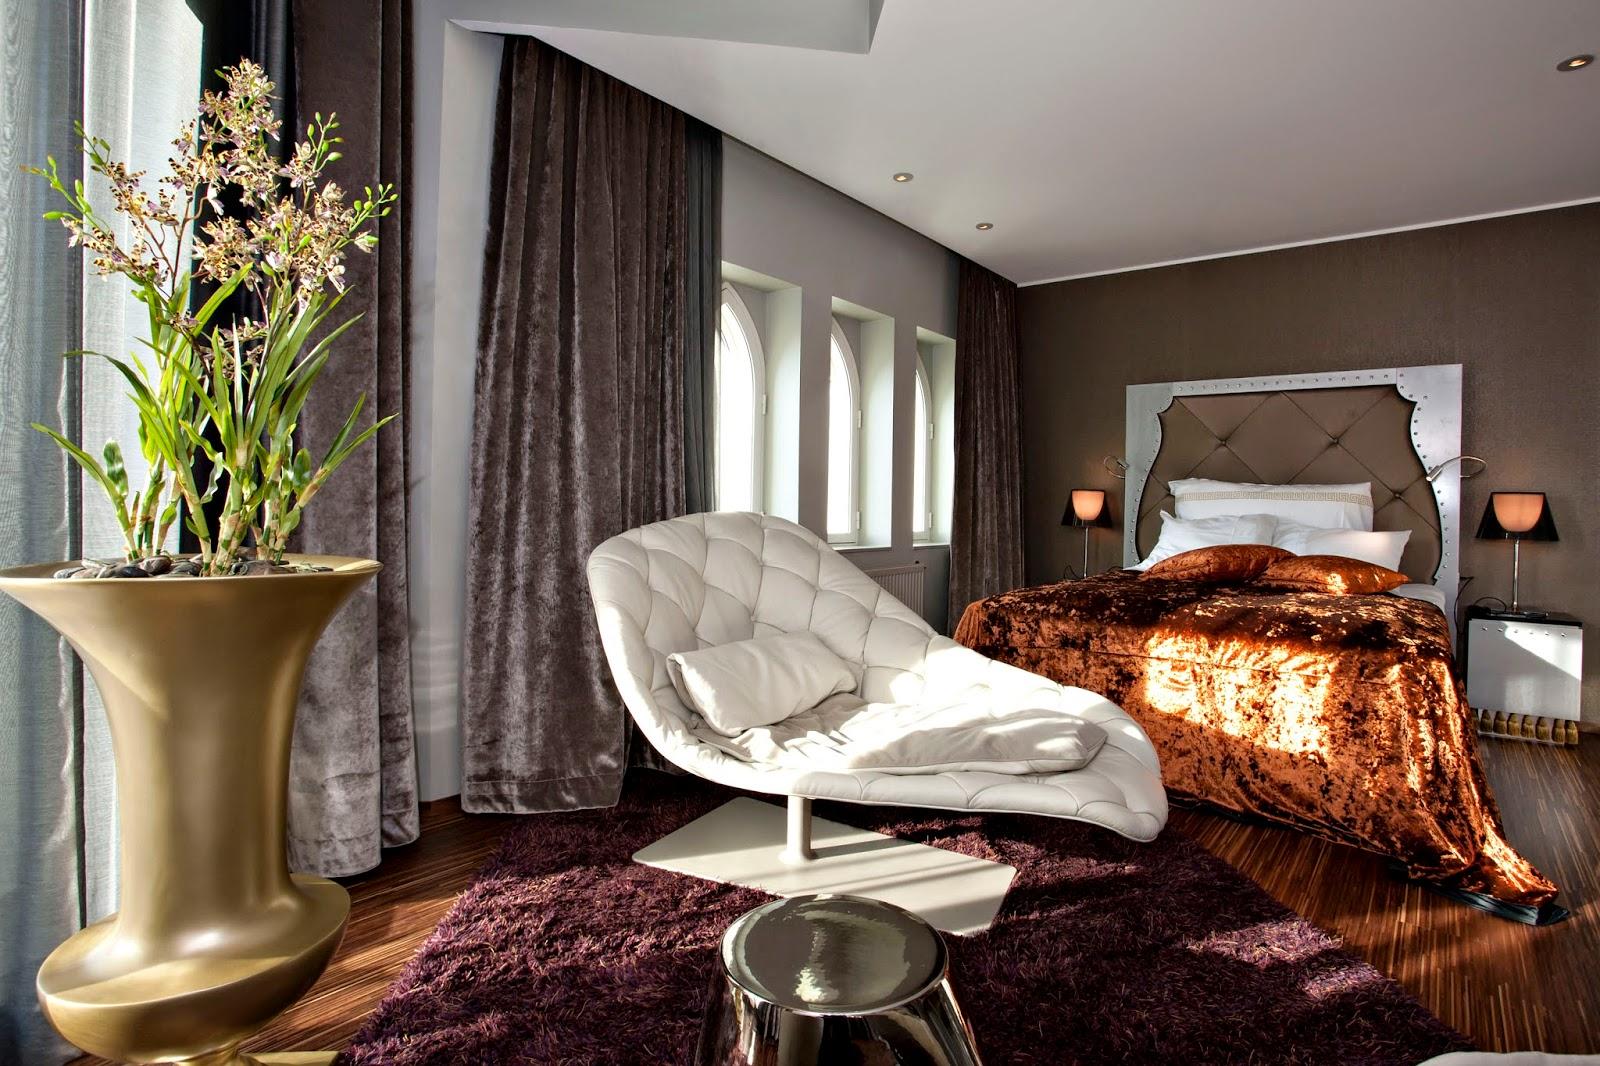 Hotellrom på Clarion Hotel Ernst i Kristiansand